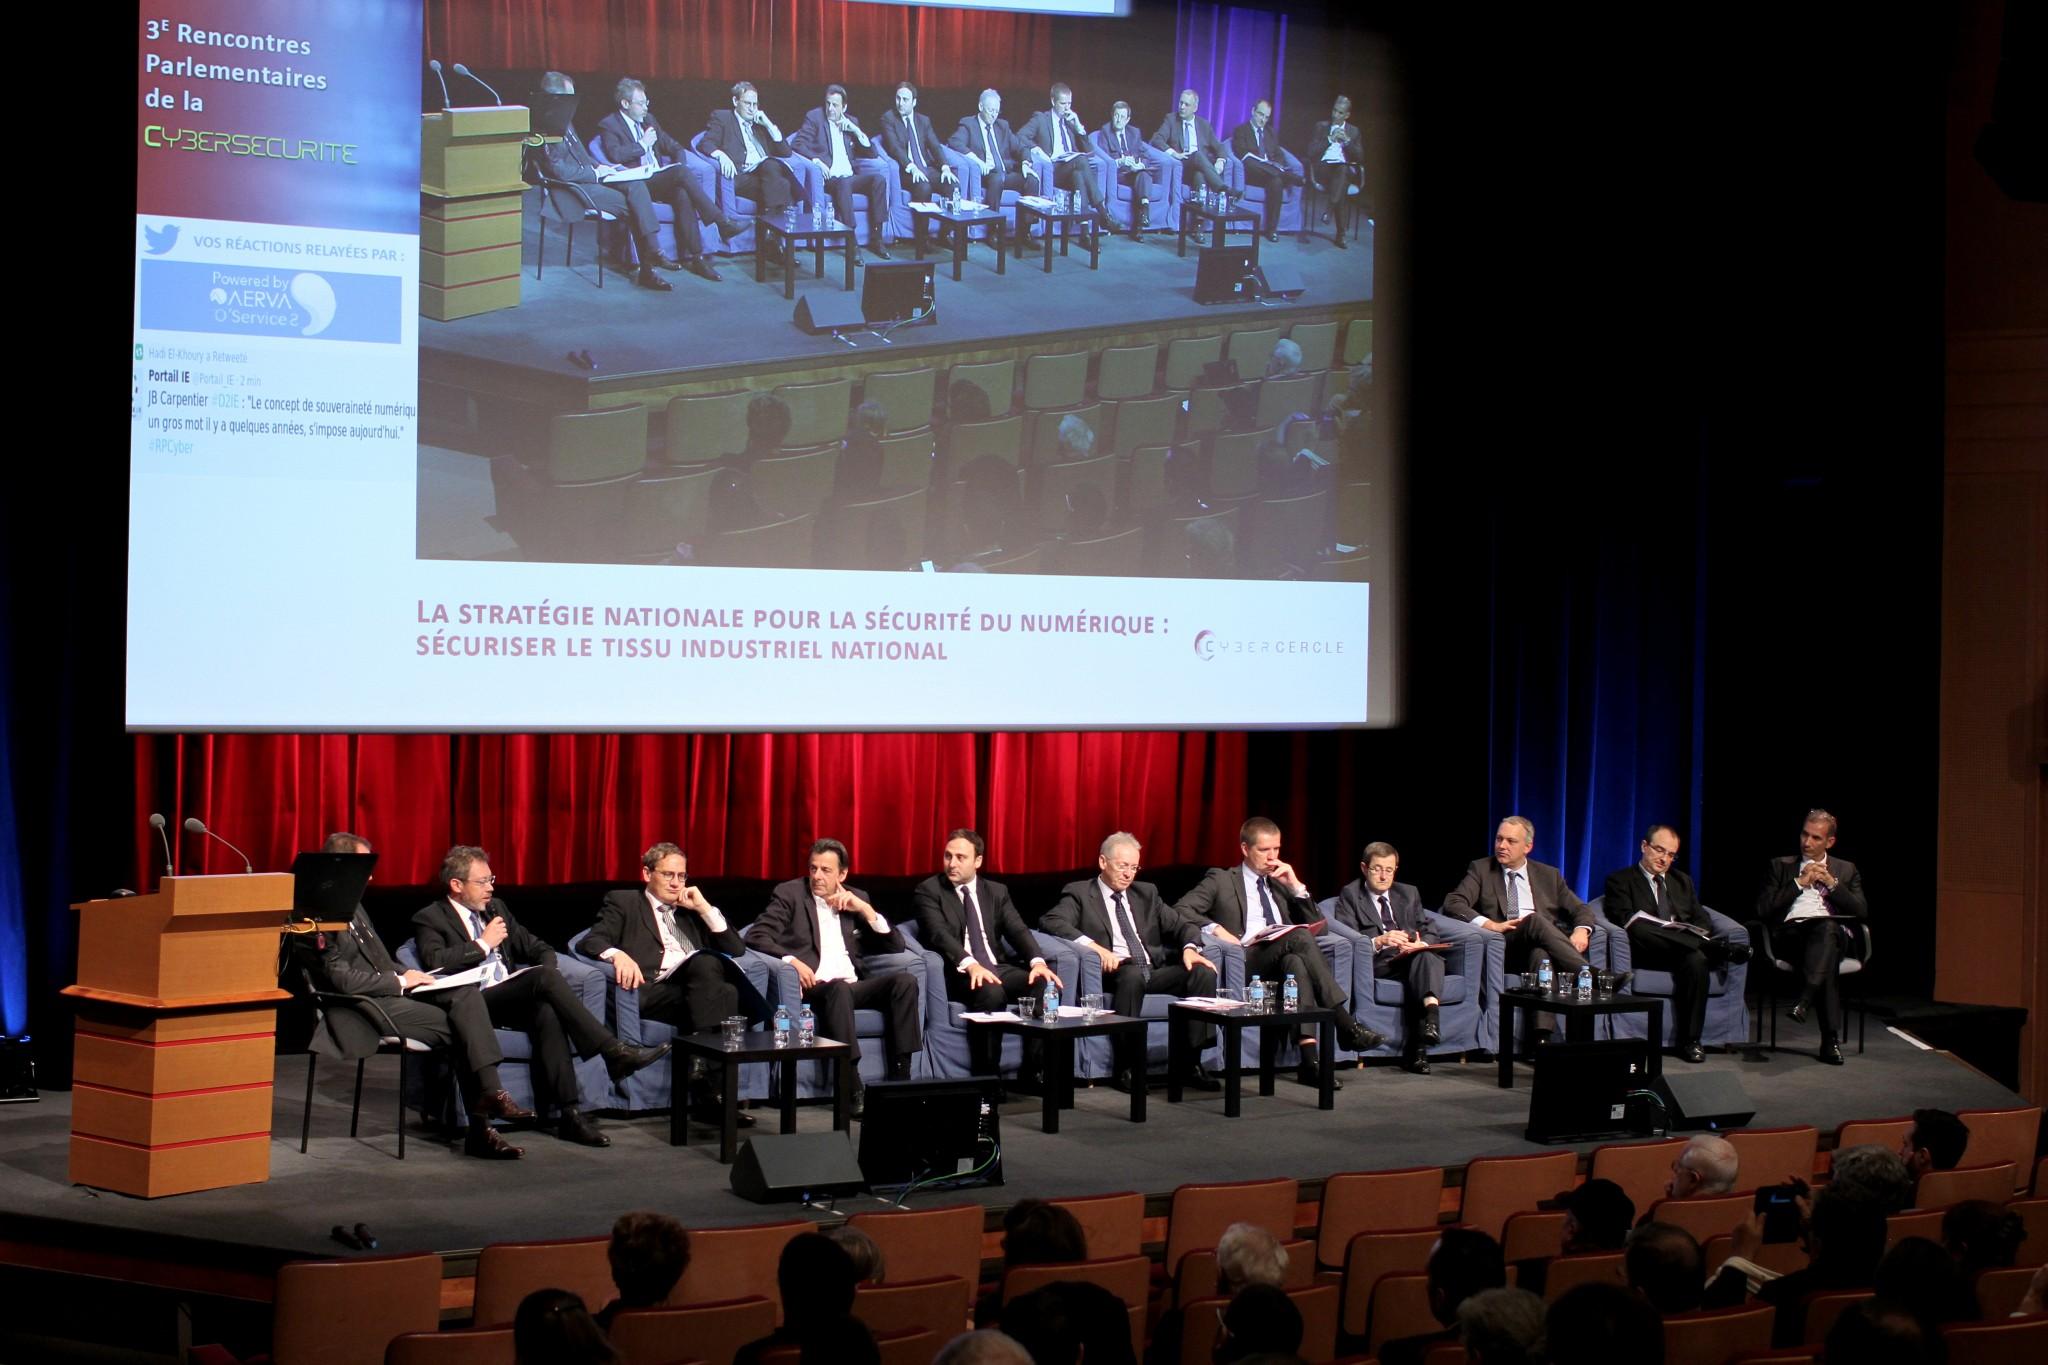 Rencontres parlementaires de la securite nationale